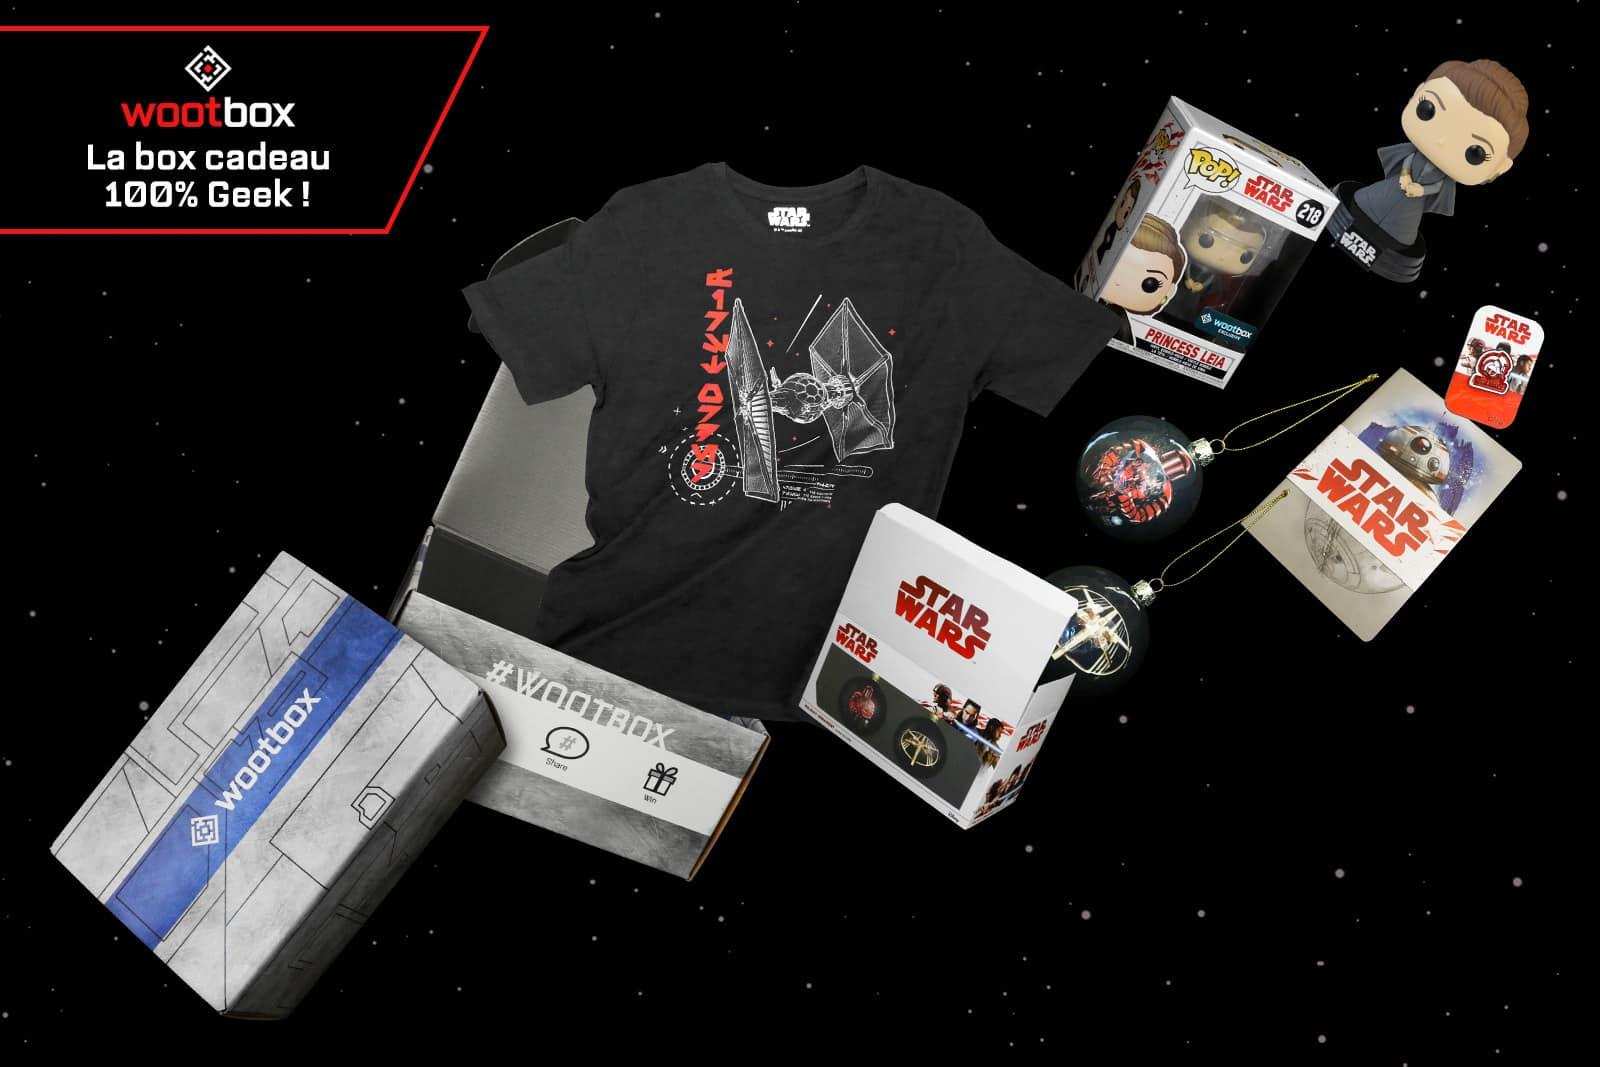 La Wootbox est une belle Mystery Box de produits geek